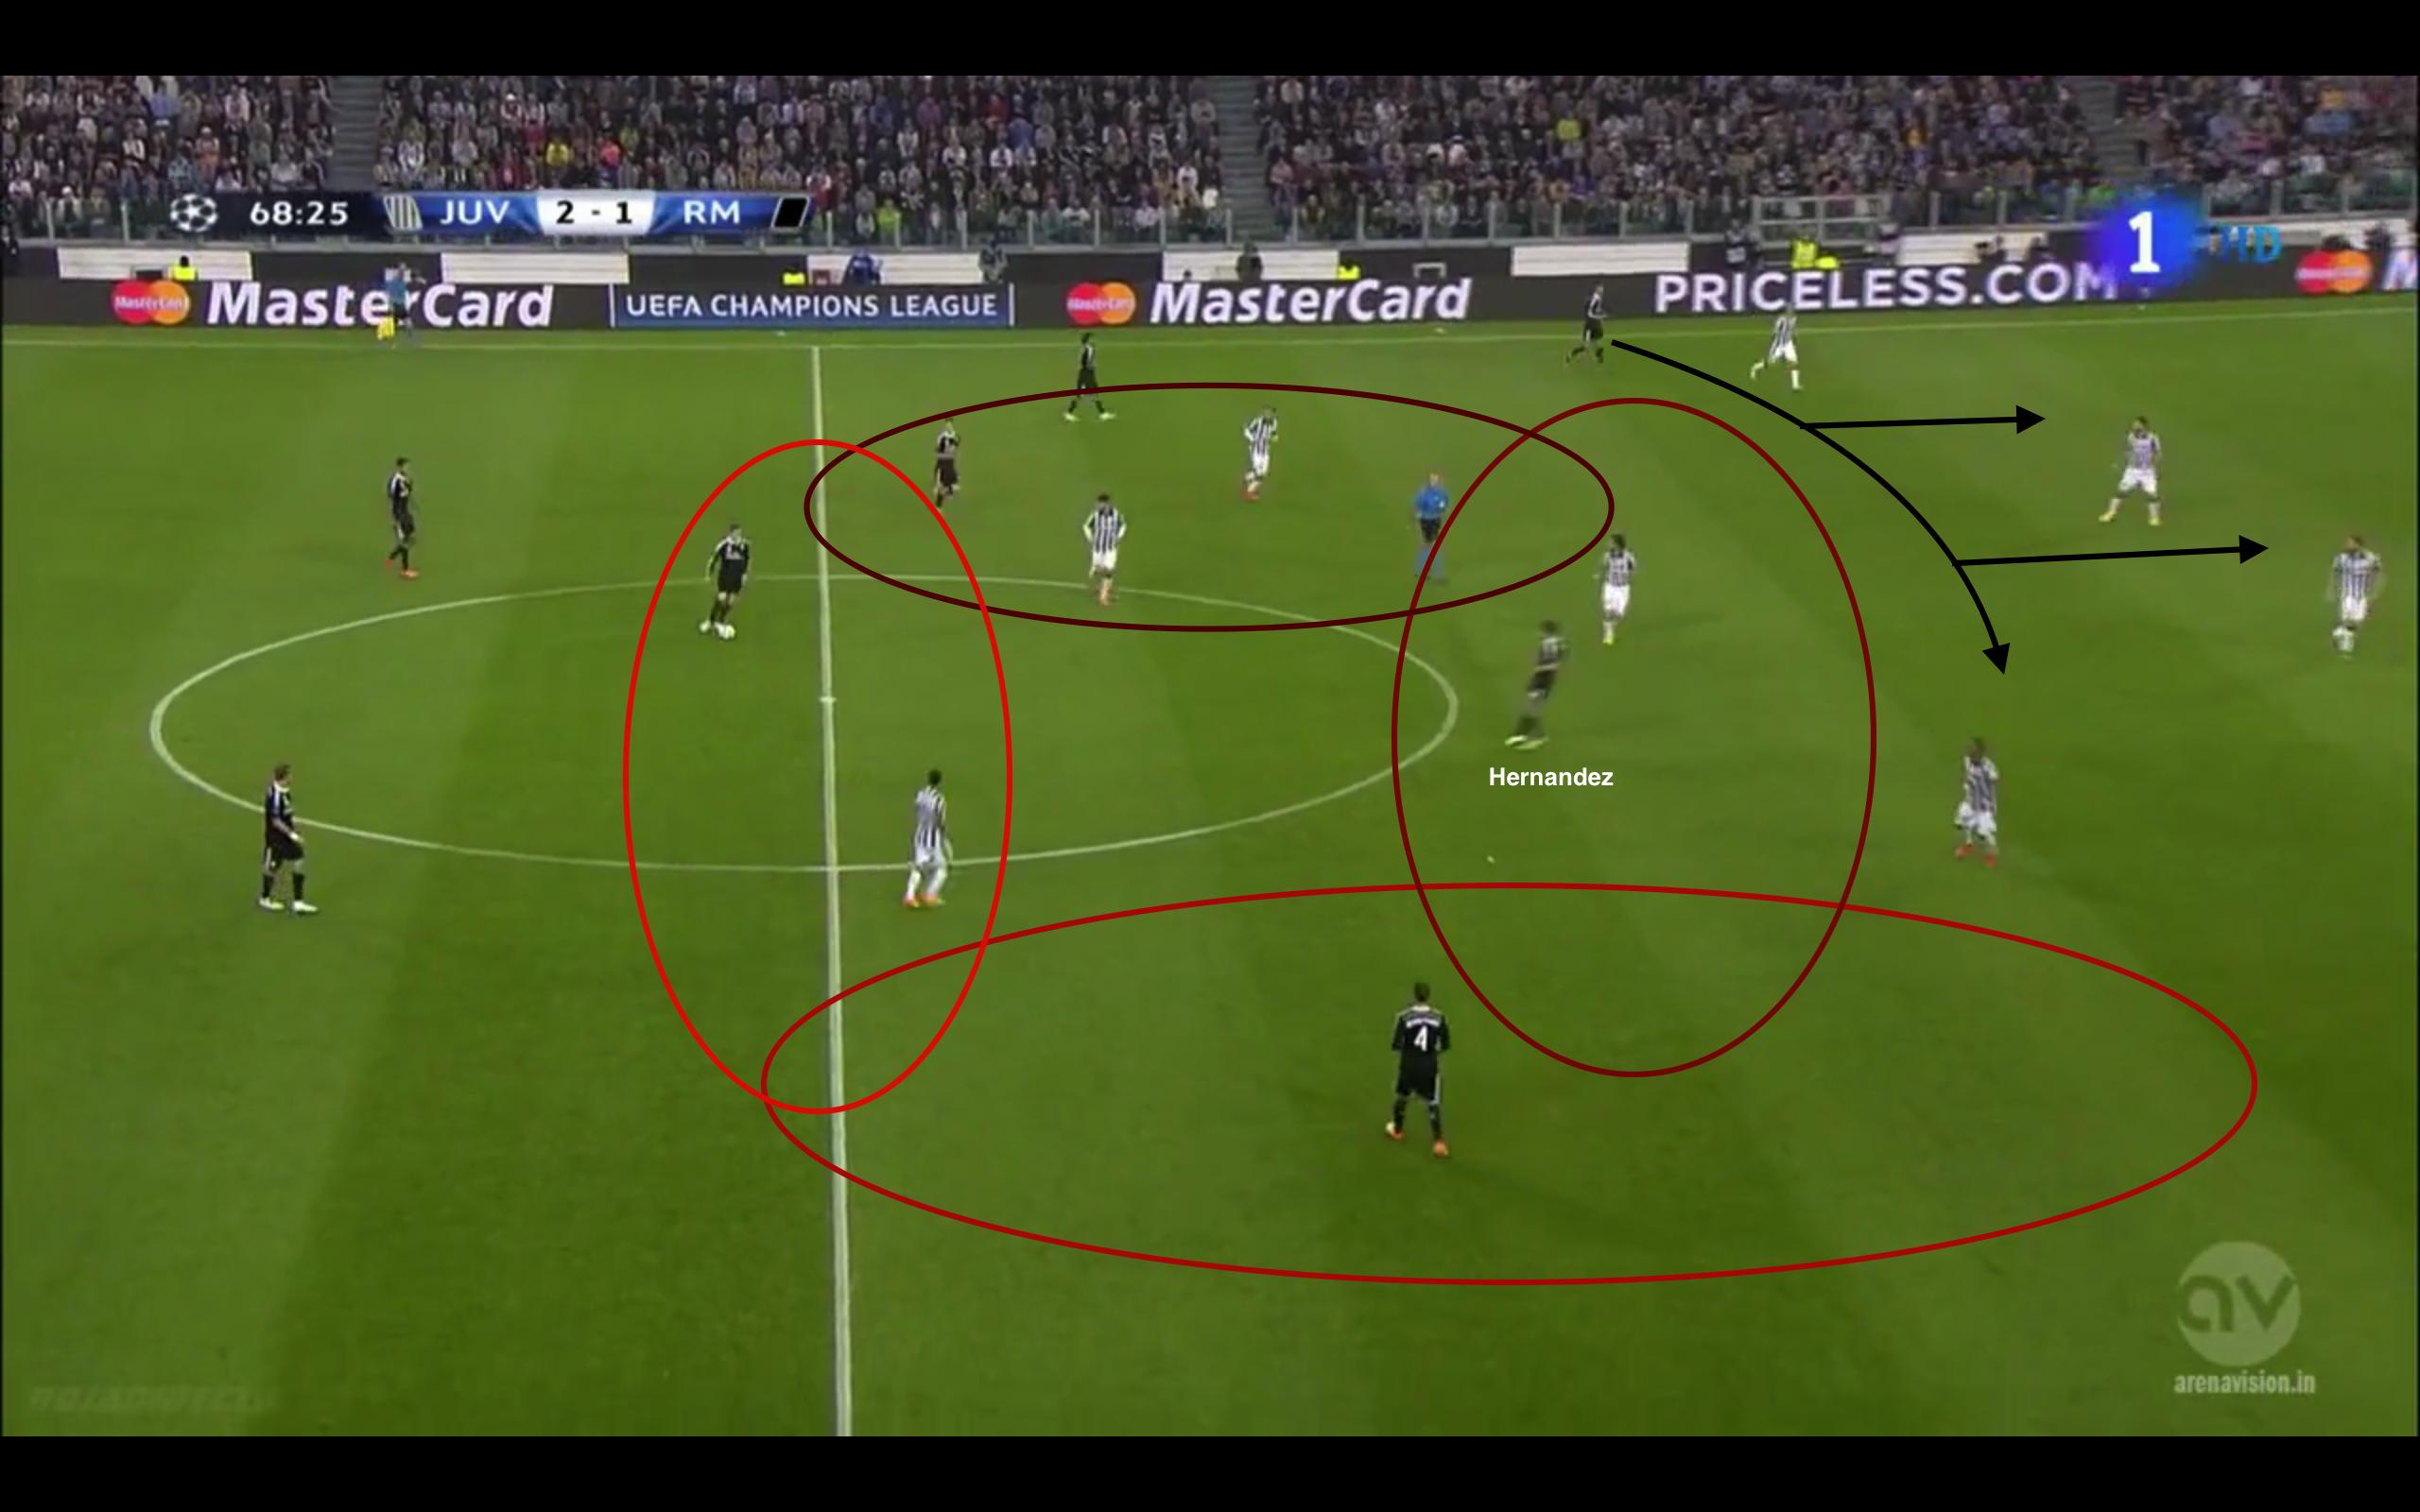 Juventus im 5-3-2. Chicharito lässt sich in den Raum zwischen den Stürmern und den drei Mittelfeldspieler fallen. Ronaldo bewegt sich horizontal und sucht die Schnittstellen für diagonale Läufe. Ramos besetzt den tiefen rechten Halbraum, kann seine Bewegungsmuster freier ausüben und zum Beispiel Bale hinterlaufen. Durch die Umstellung und das verbesserte Gegenpressing konnte Ramos etwas freier agieren und sicherte eher einfach ab in dem er sich hinter Carvajal postierte. Er war nicht mehr ganz so stark in die Ballzirkulation eingebunden.